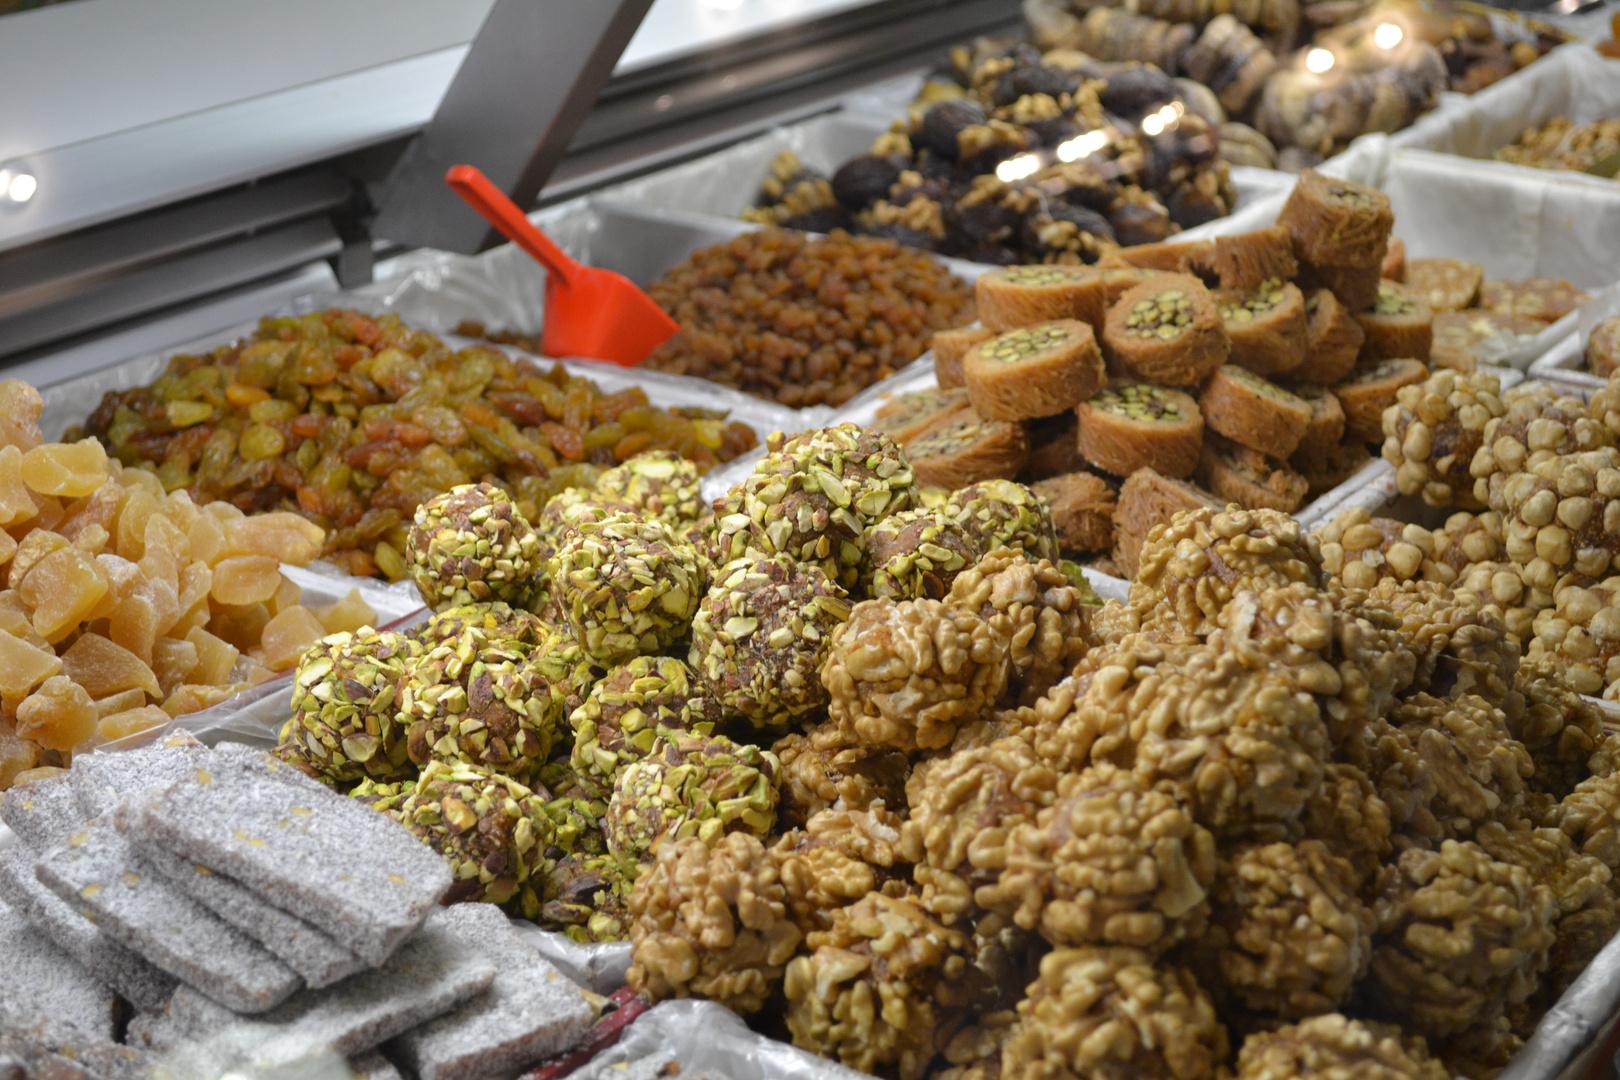 Süßes von der Kleinmarkthalle in Frankfurt